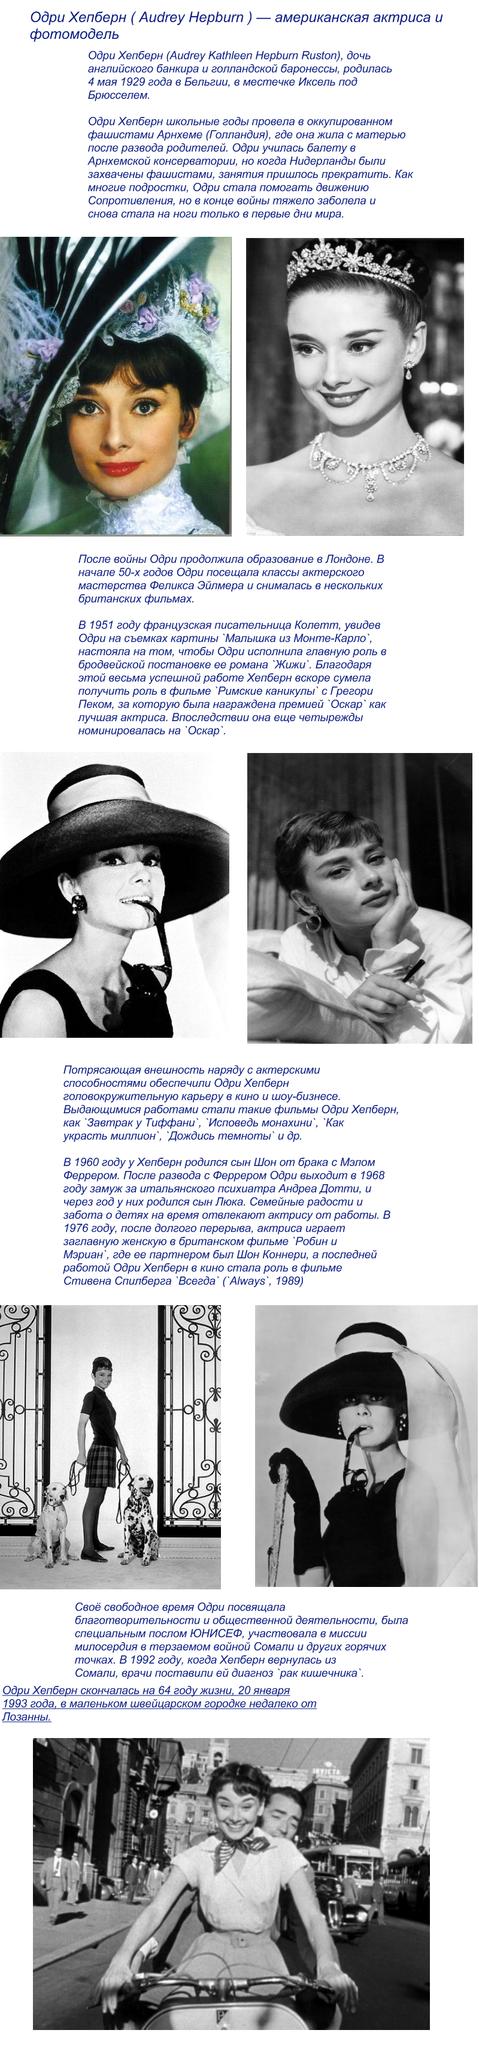 Одри Тоту (Audrey Tautou) биография актрисы, фото, личная ...